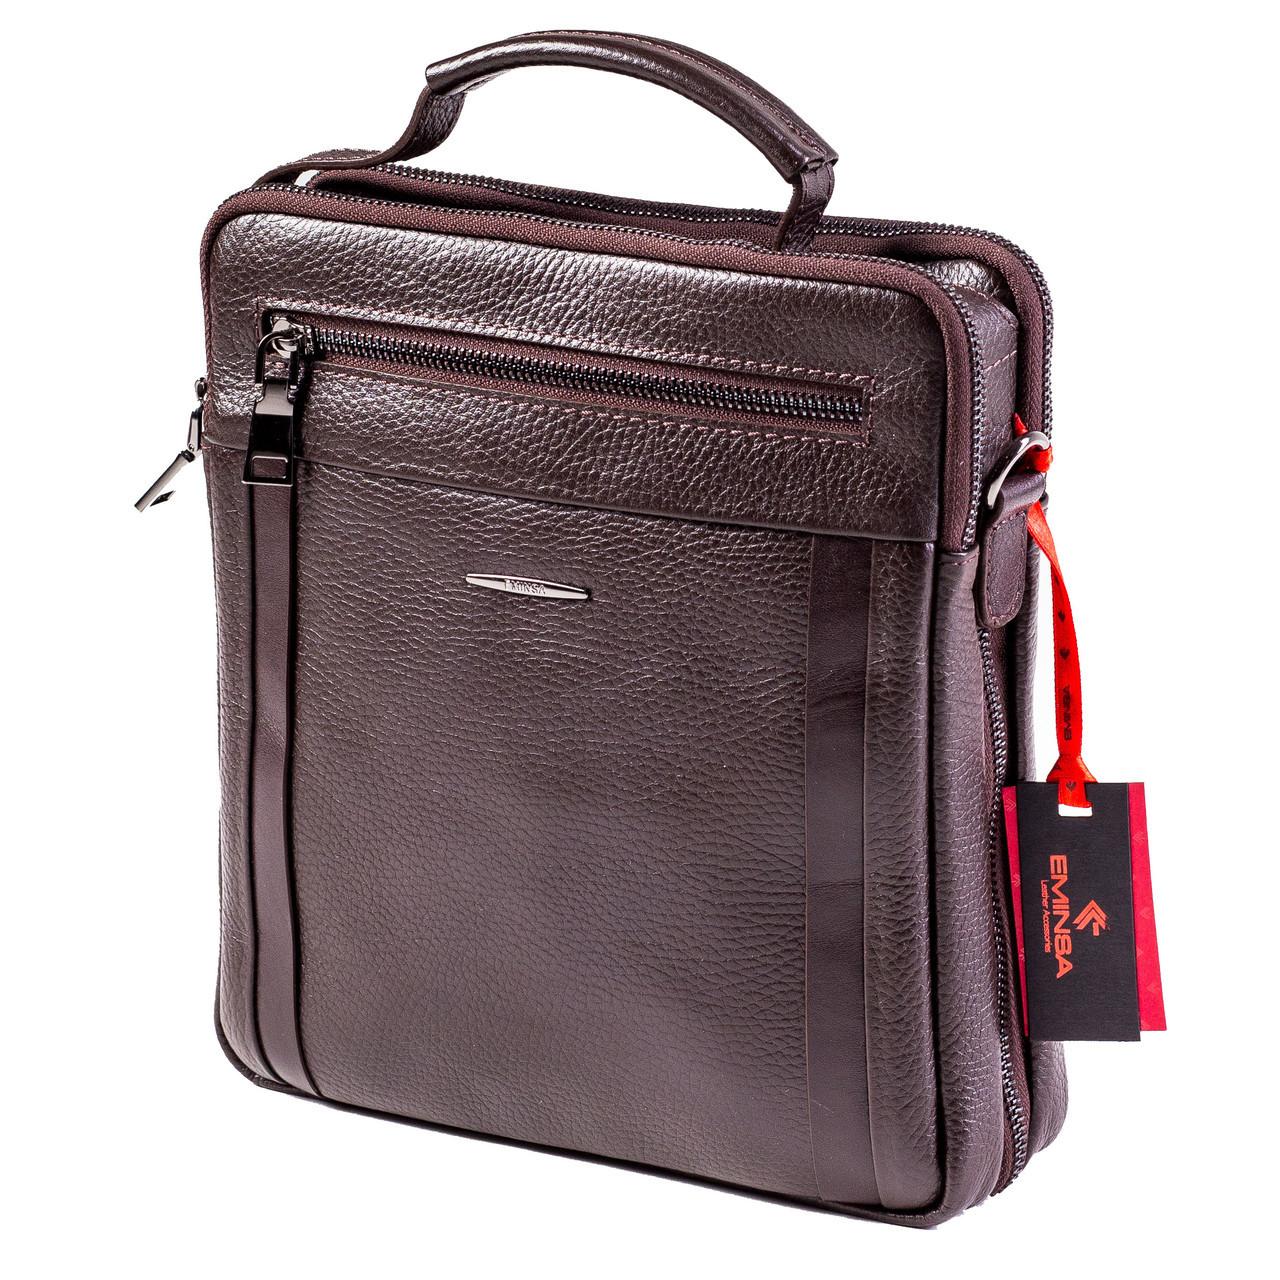 Мужская сумка кожаная коричневая Eminsa 6135-37-3 533af94daab7f